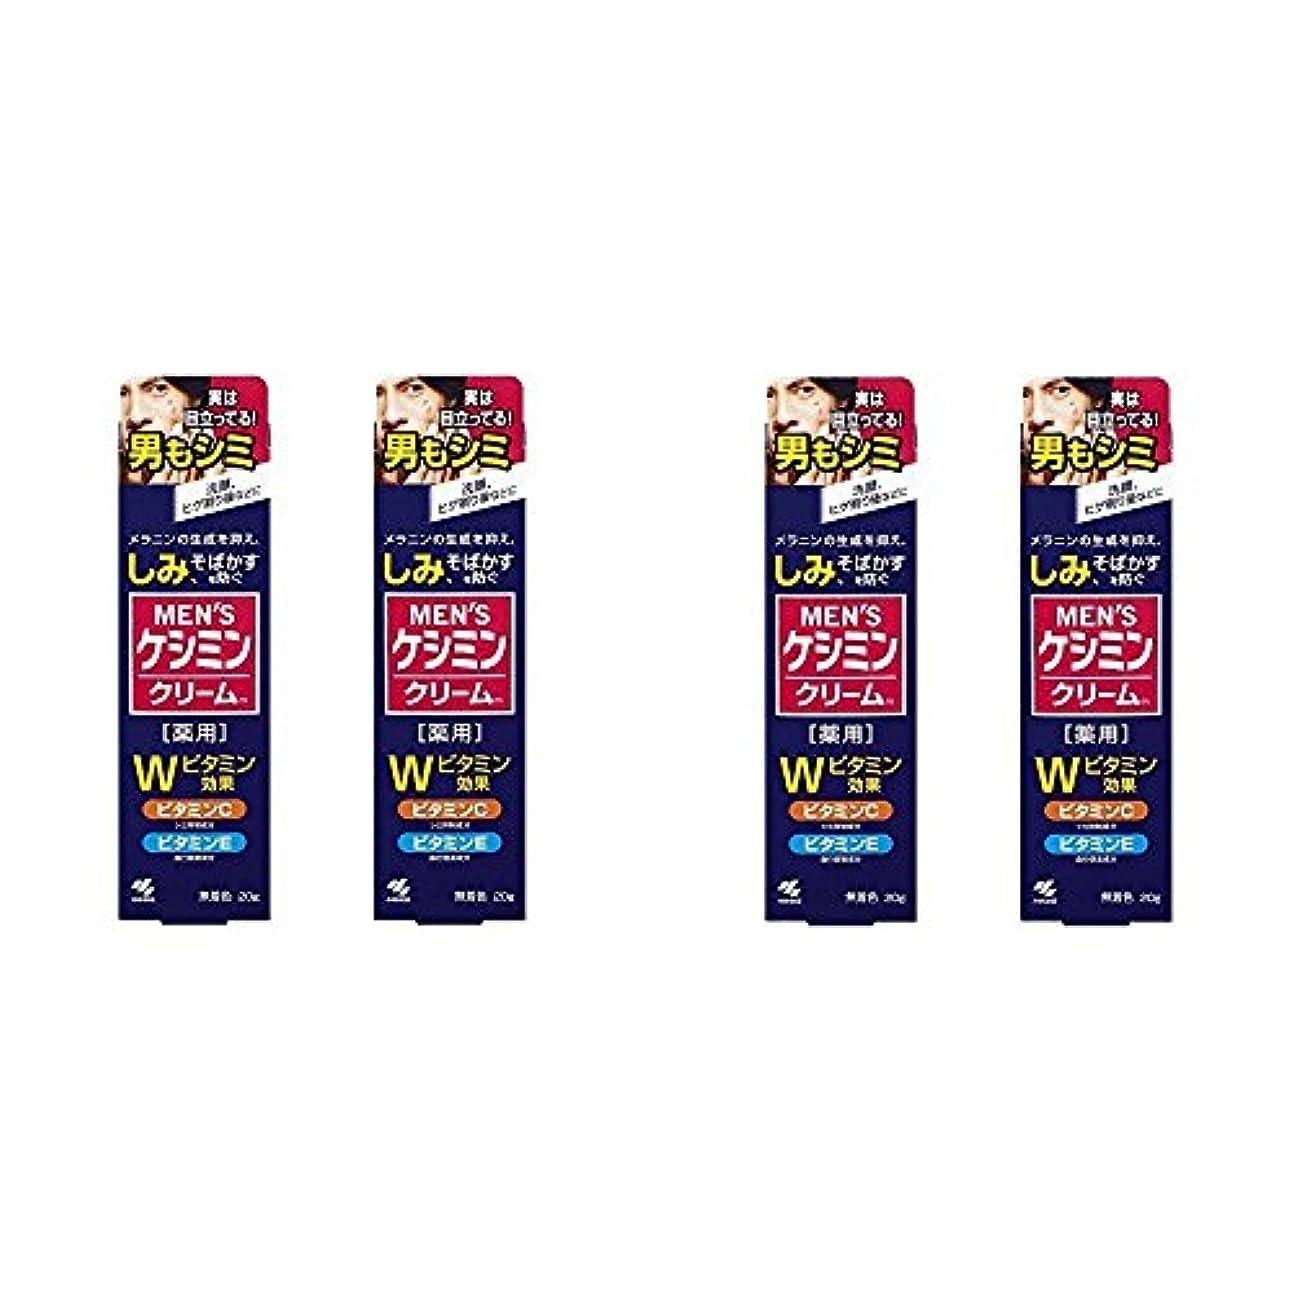 電信幼児復讐【セット品】メンズケシミンクリーム 男のシミ対策 20g (4個)